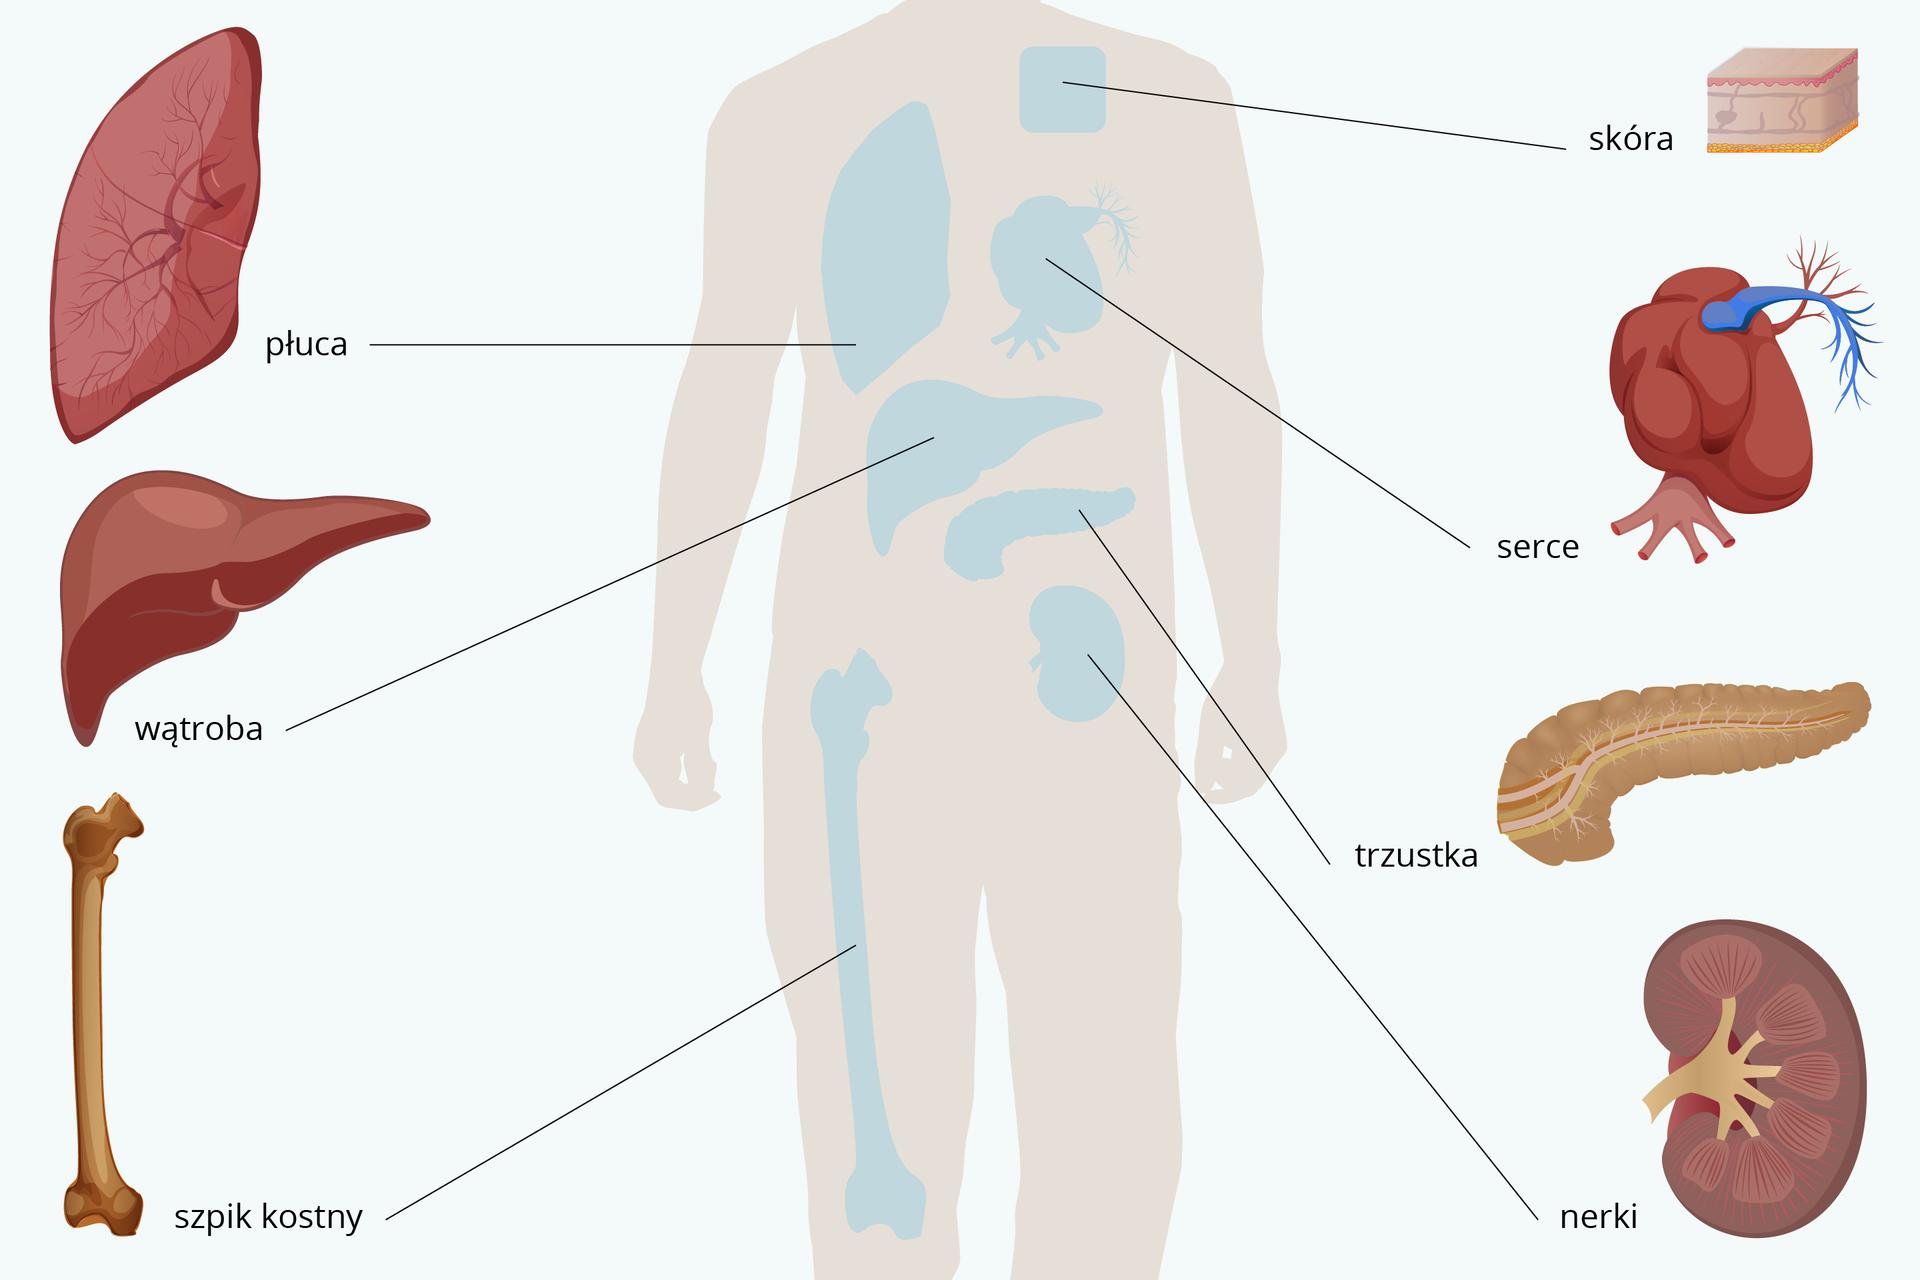 Ilustracja przedstawia fragment liliowej sylwetki człowieka zlokalizacją najczęściej przeszczepianych narządów. Są one wyraźniej ukazane obok sylwetki ipodpisane.